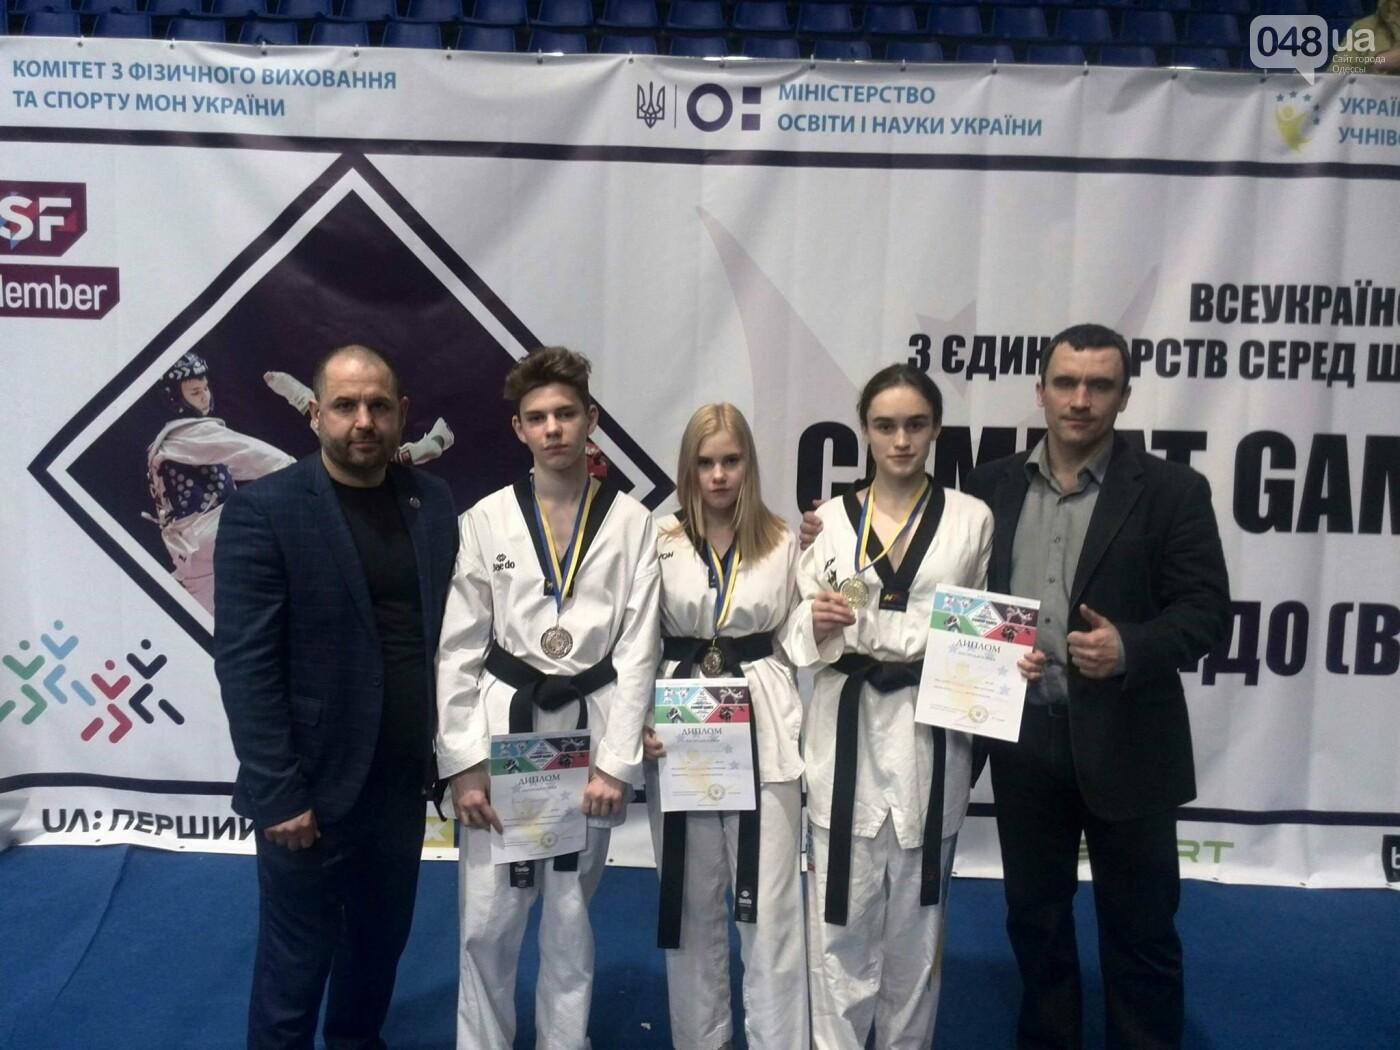 Одесские призеры Combat Games среди тхэквондистов